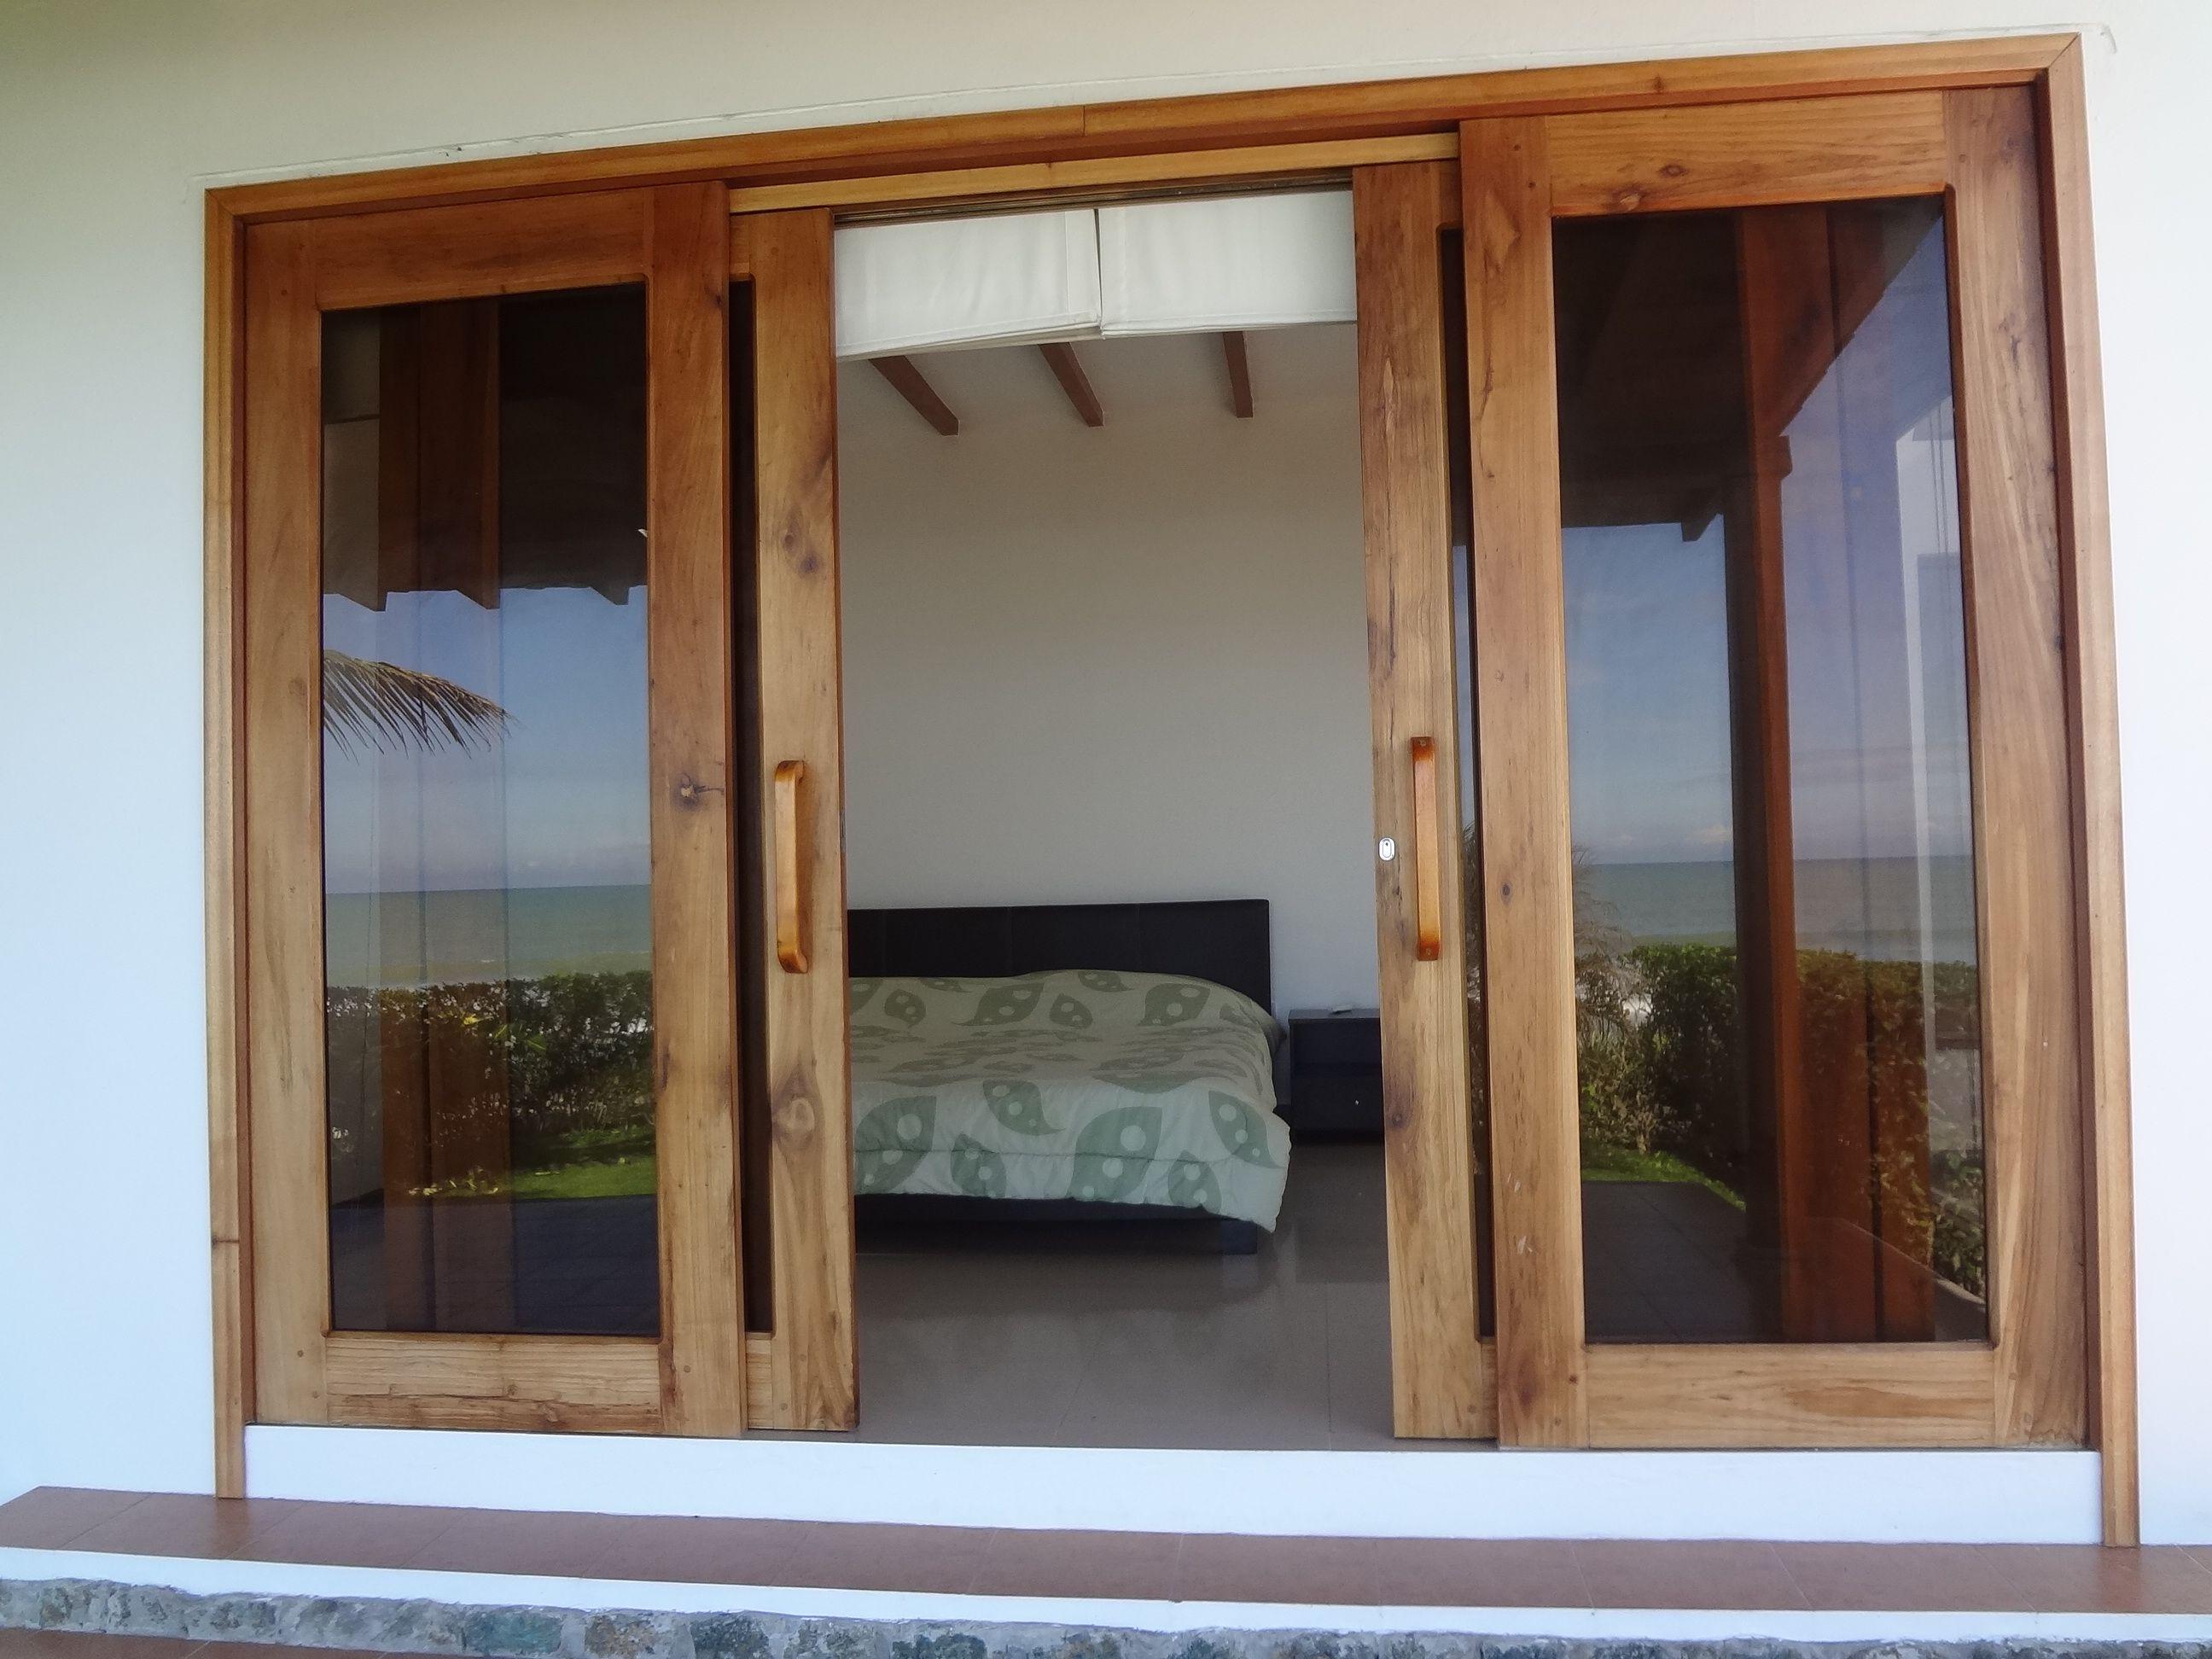 Mampara de madera mamparas de madera madera reciclada for Puertas de madera para casas de campo